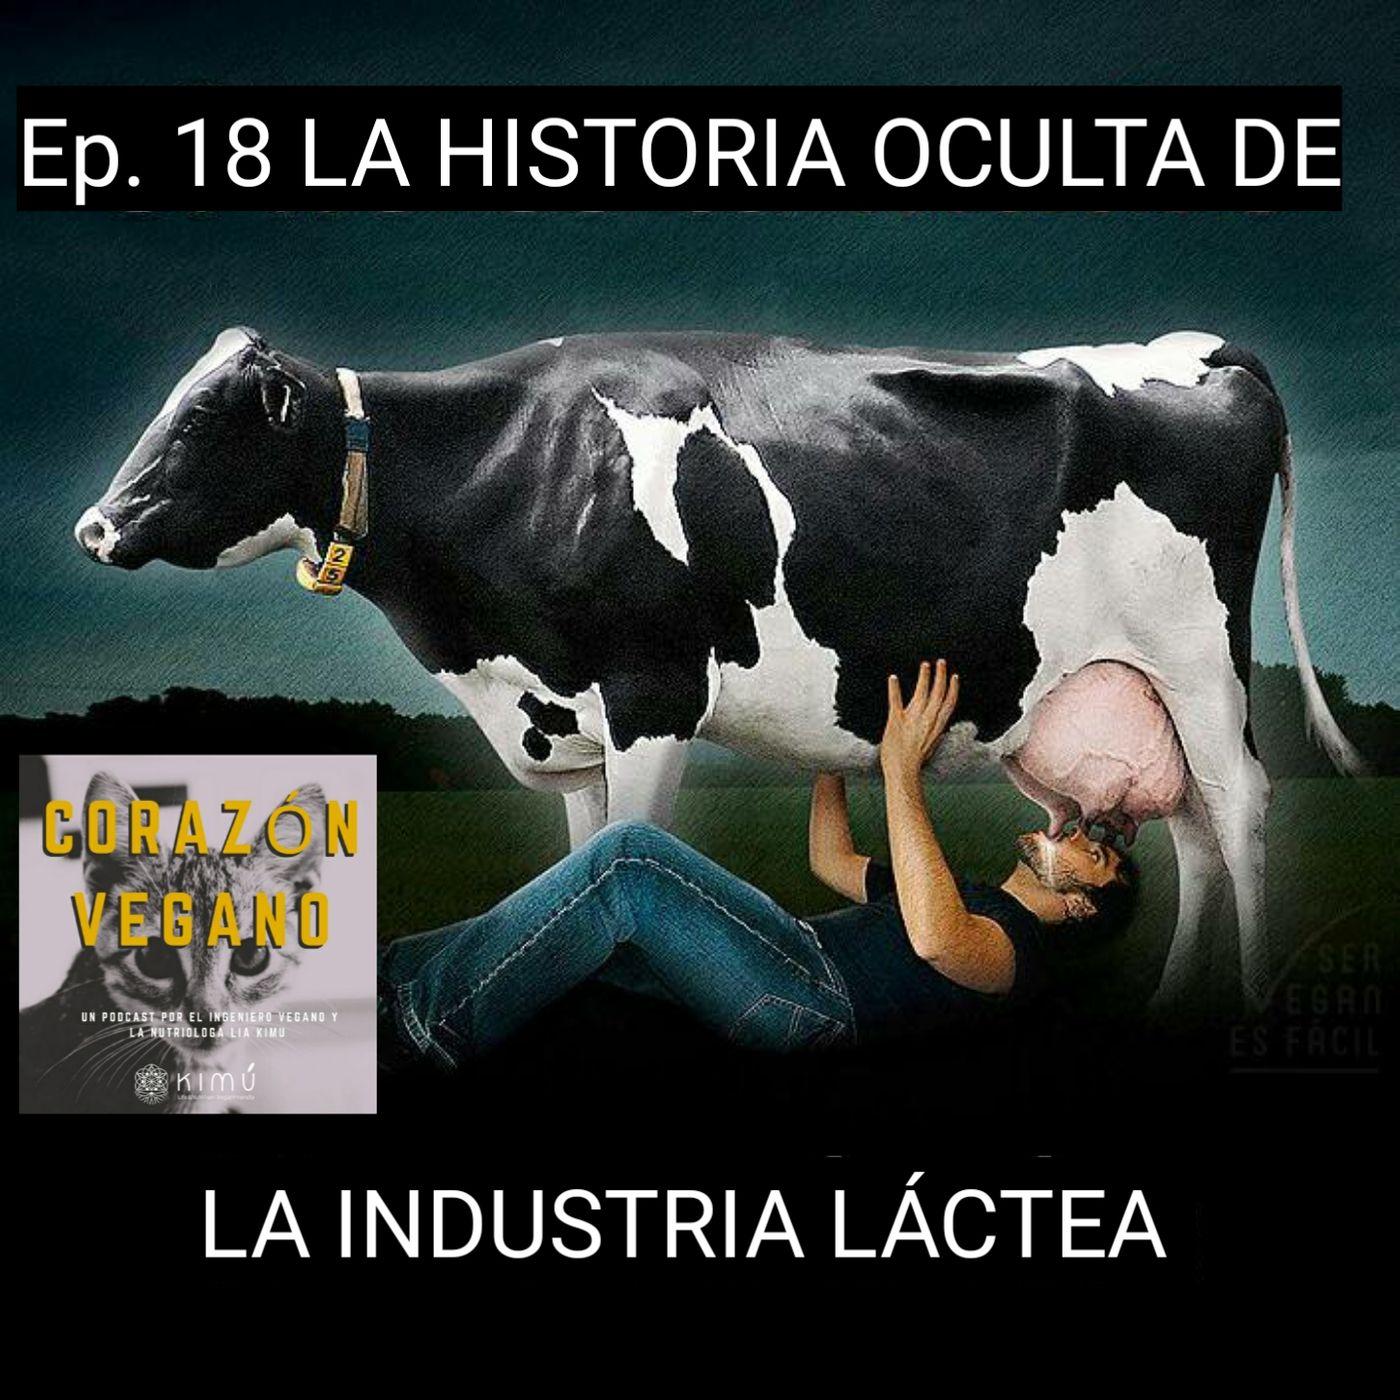 Ep. 18 La Historia Oculta de la Industria Láctea